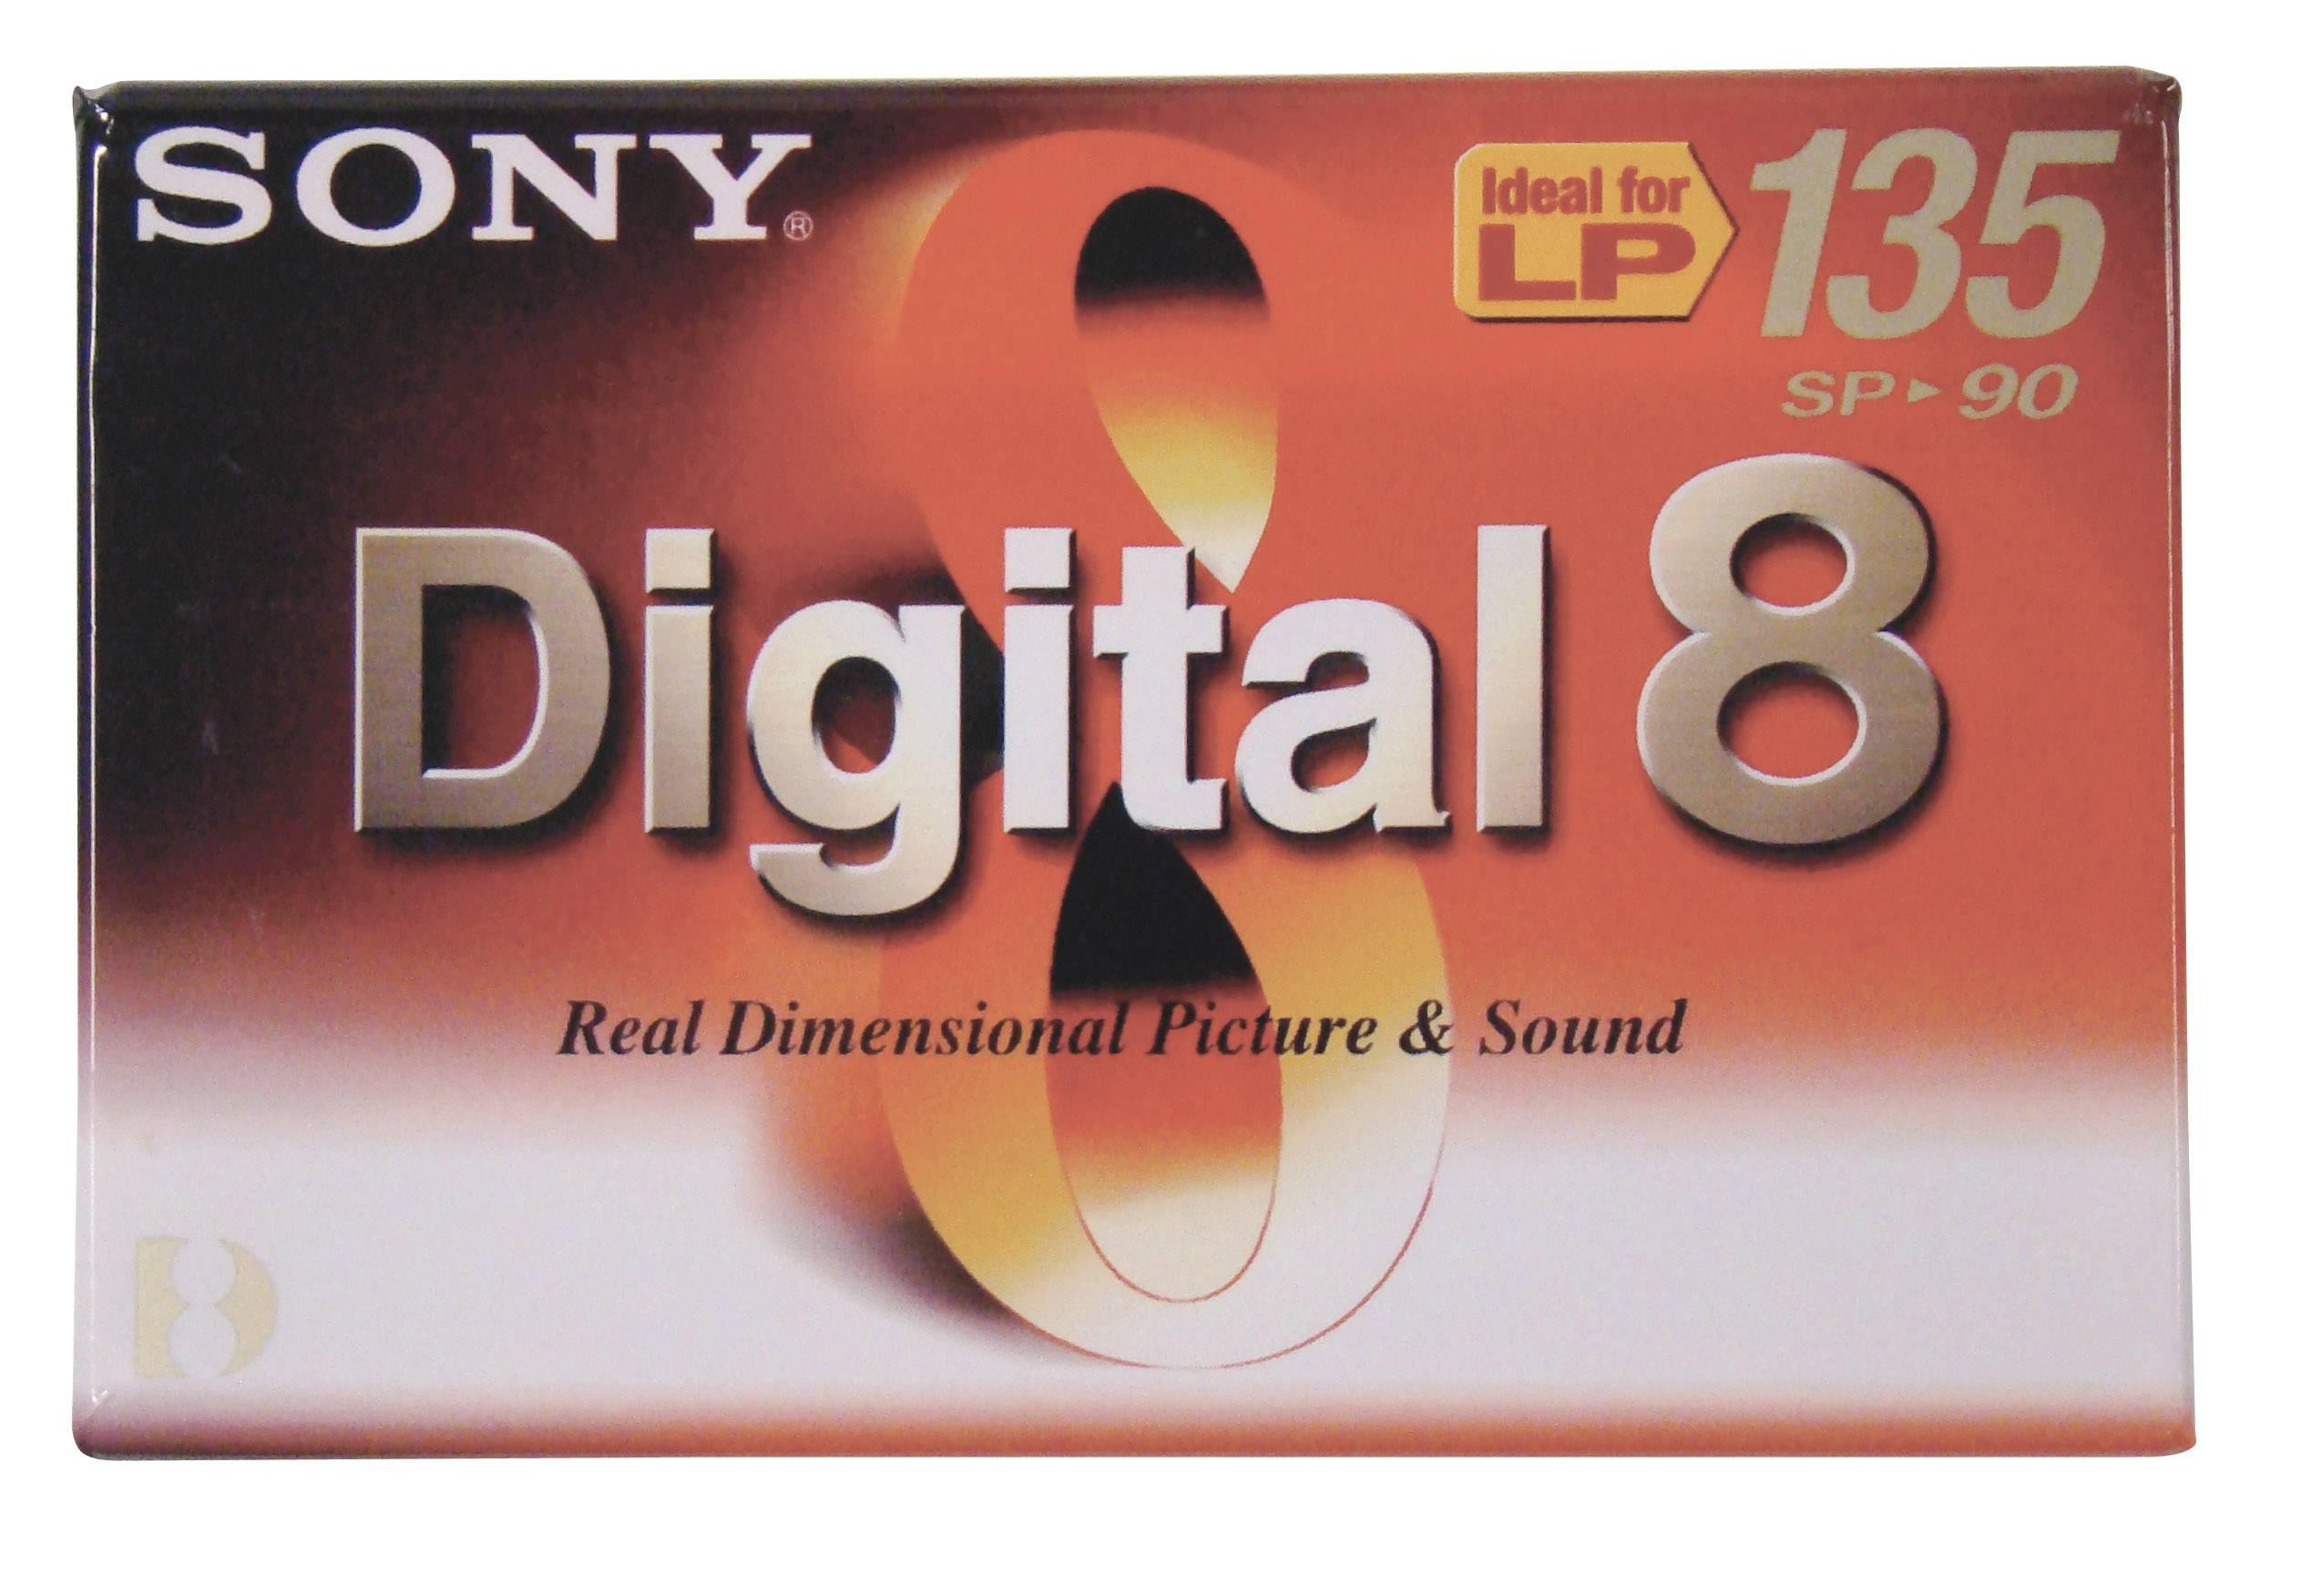 Kazety Digital8